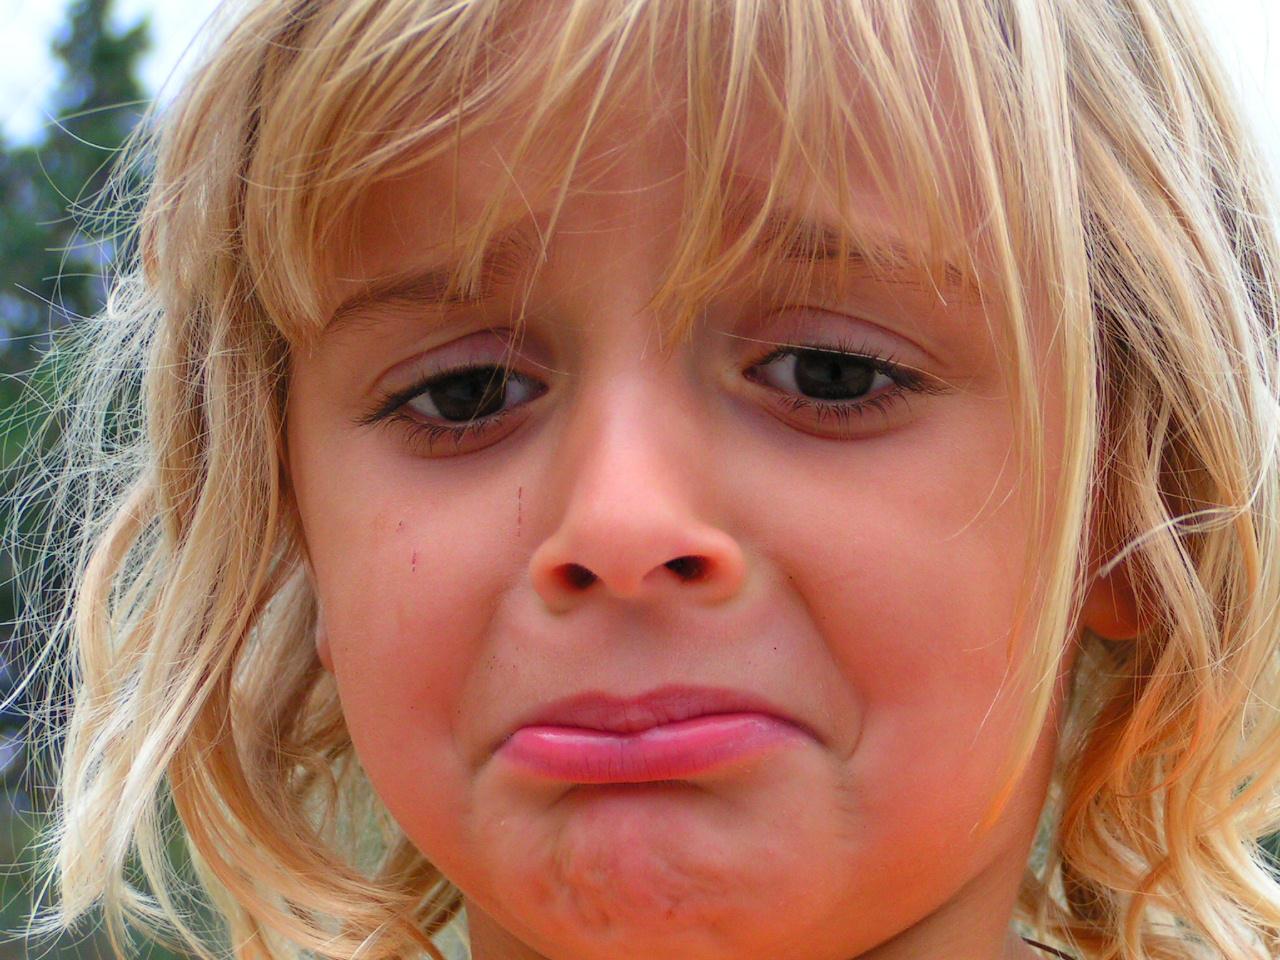 sad child by madamBesson on DeviantArt